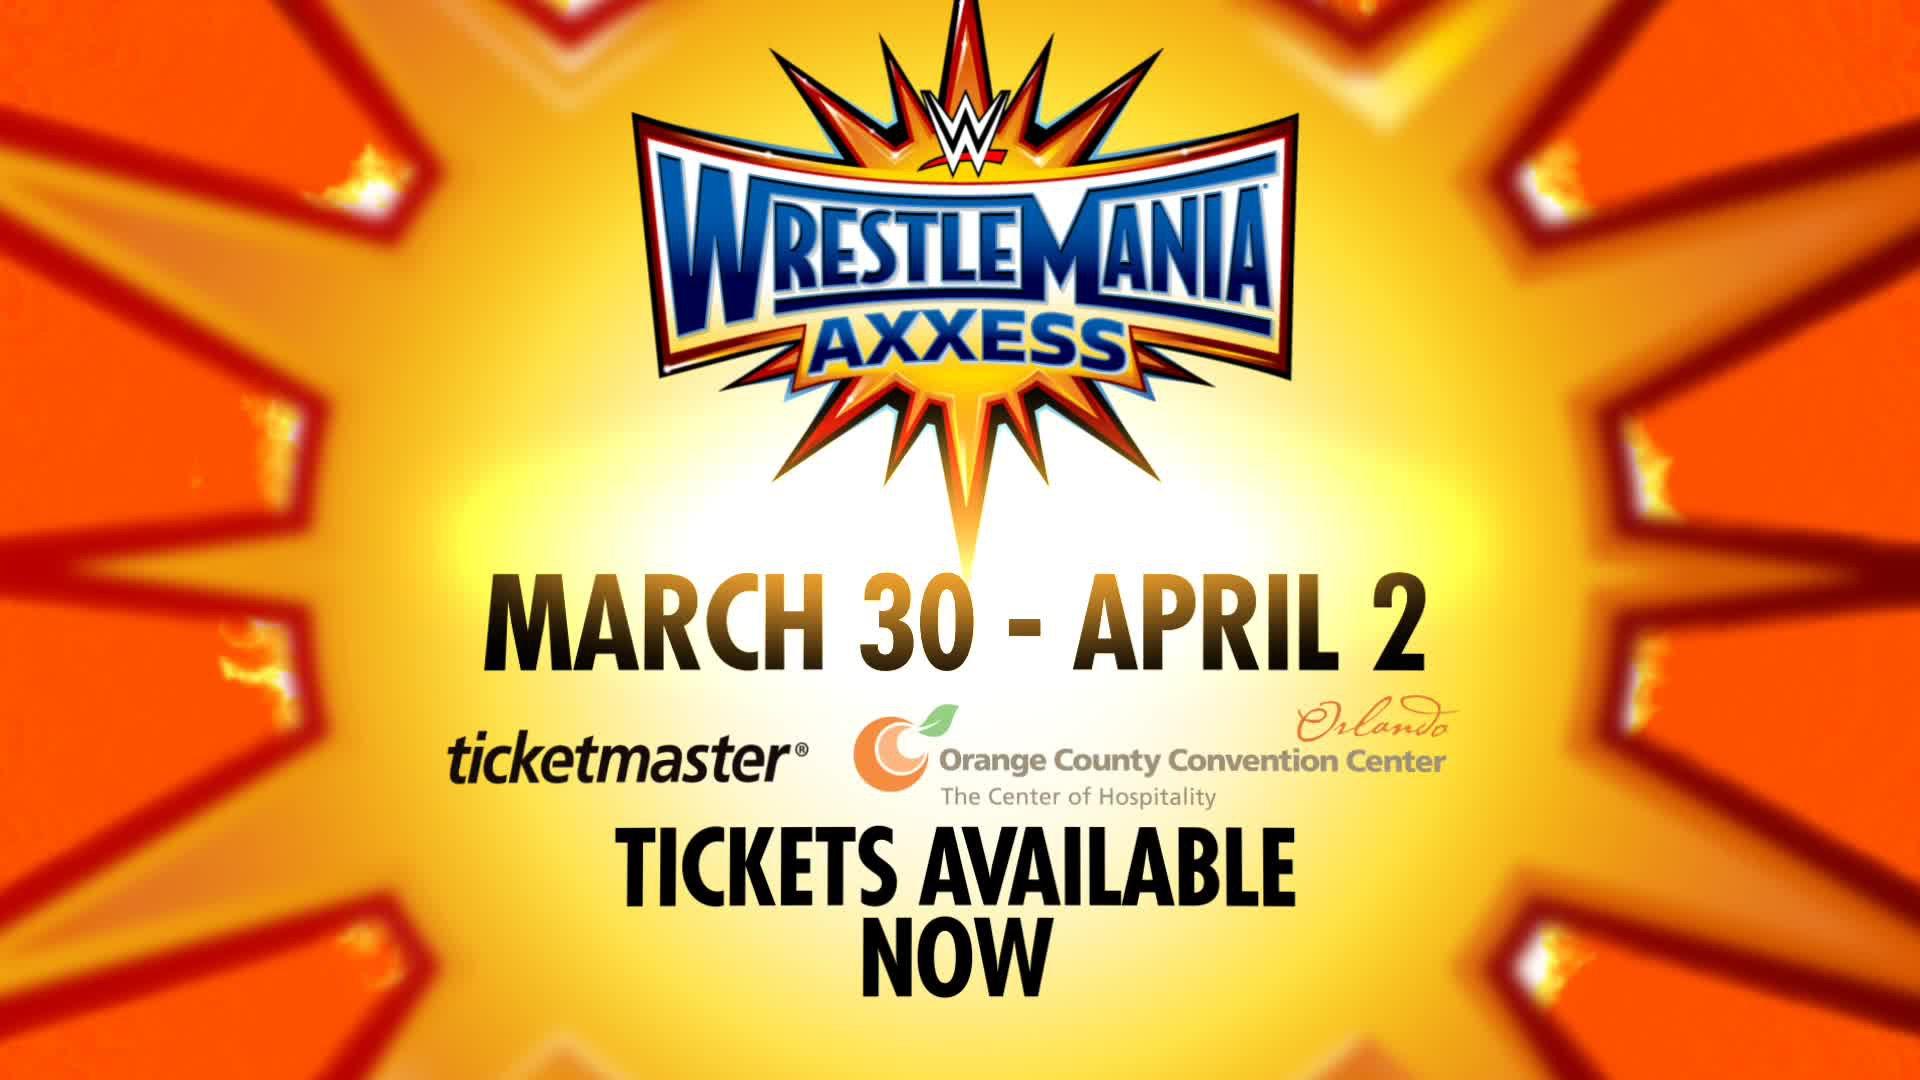 Get WrestleMania Axxess tickets now